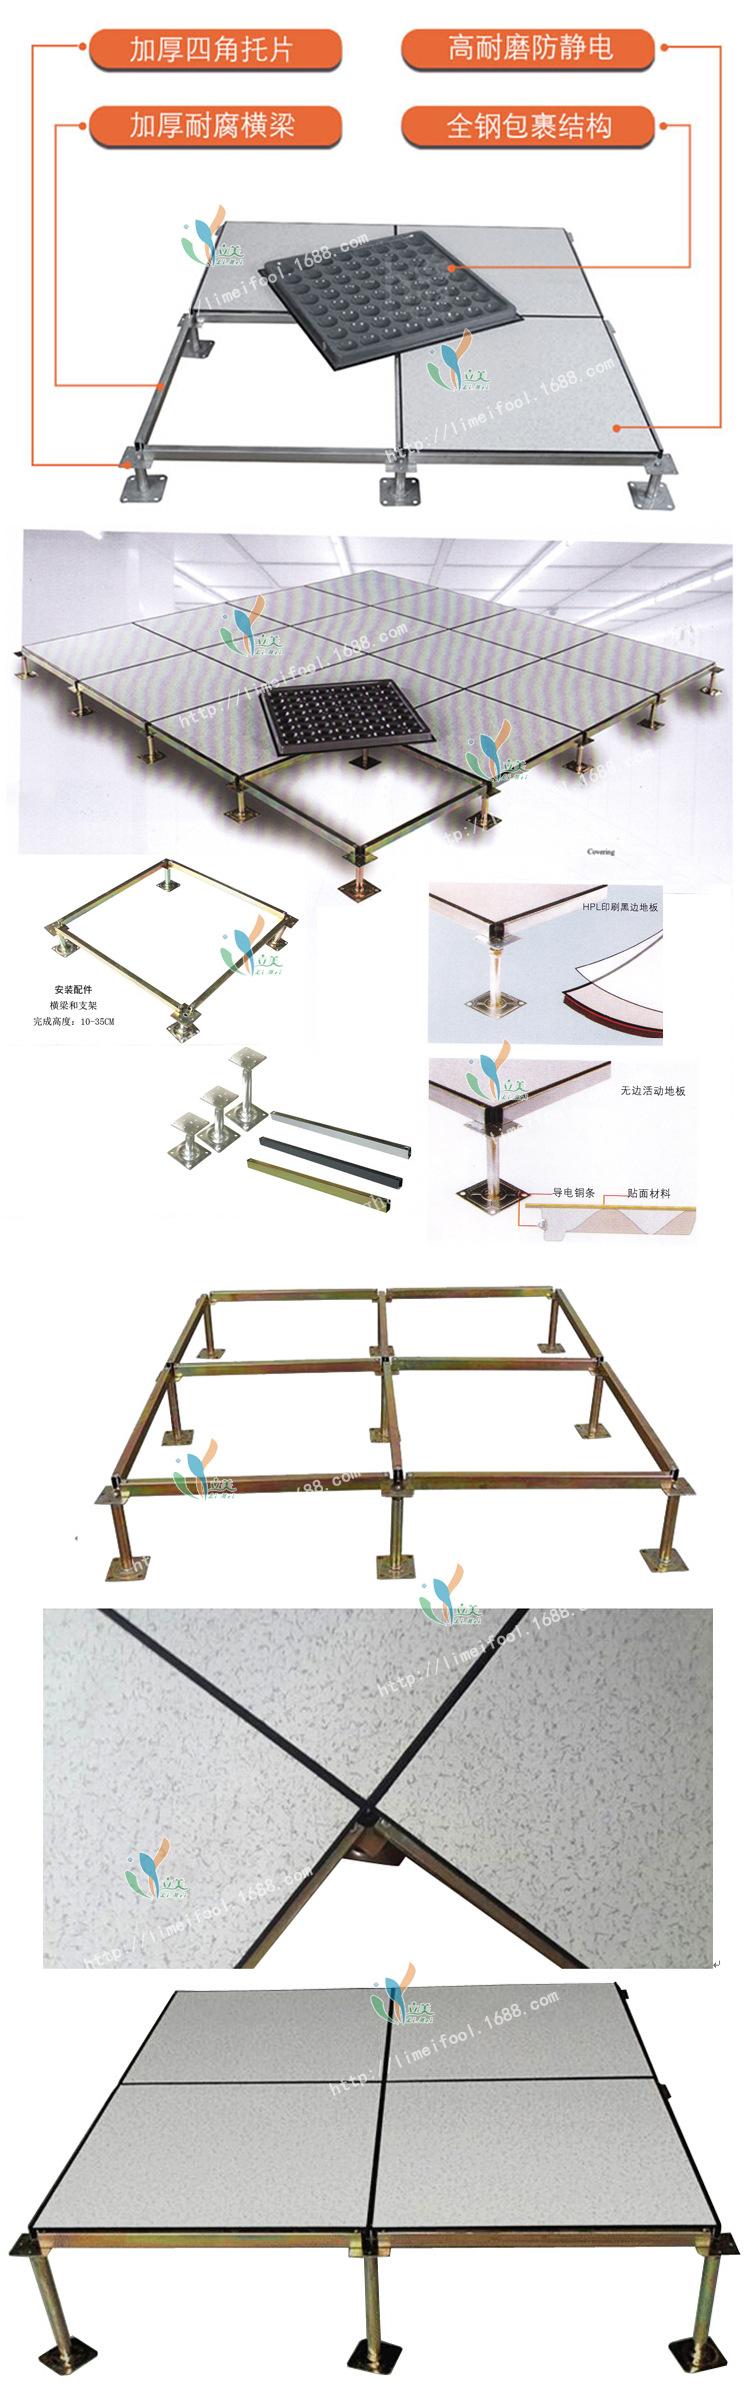 全钢架空防静电地板优点